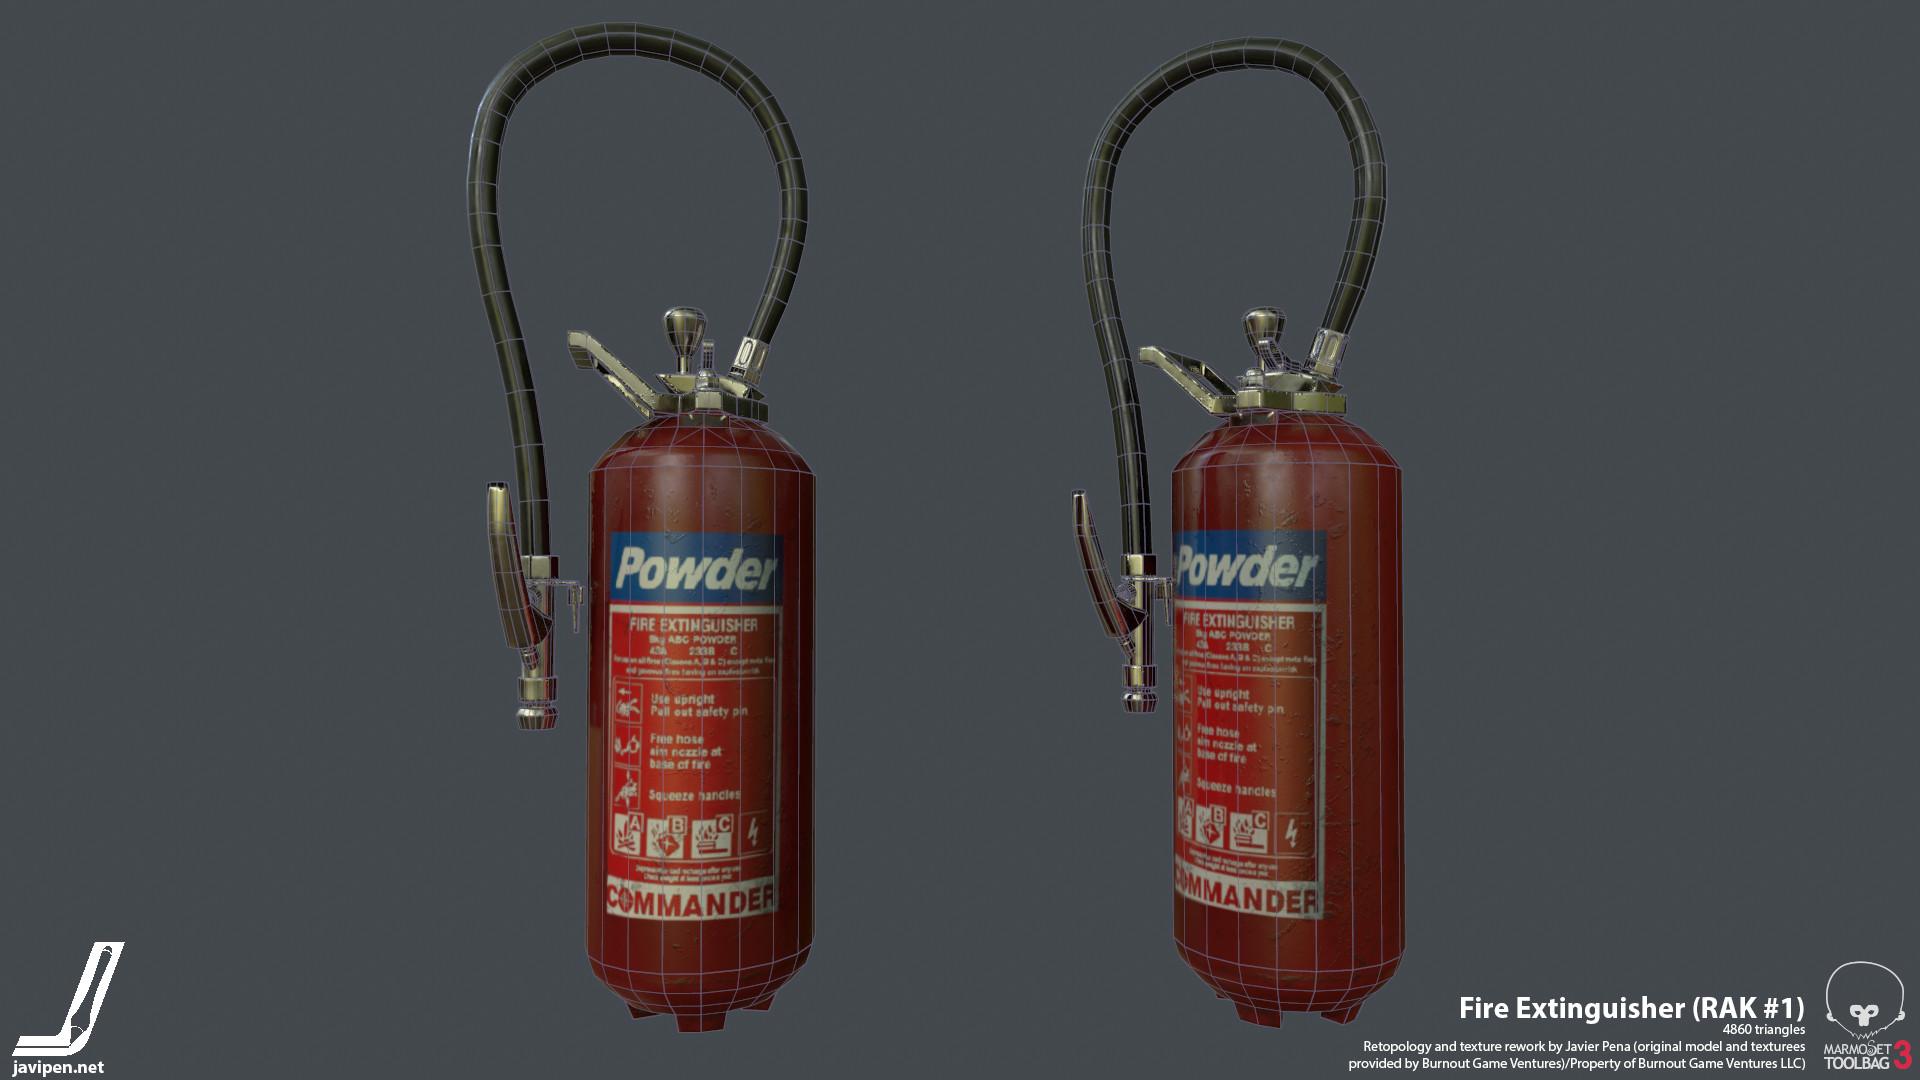 Javier pena fireextinguisher wireframe